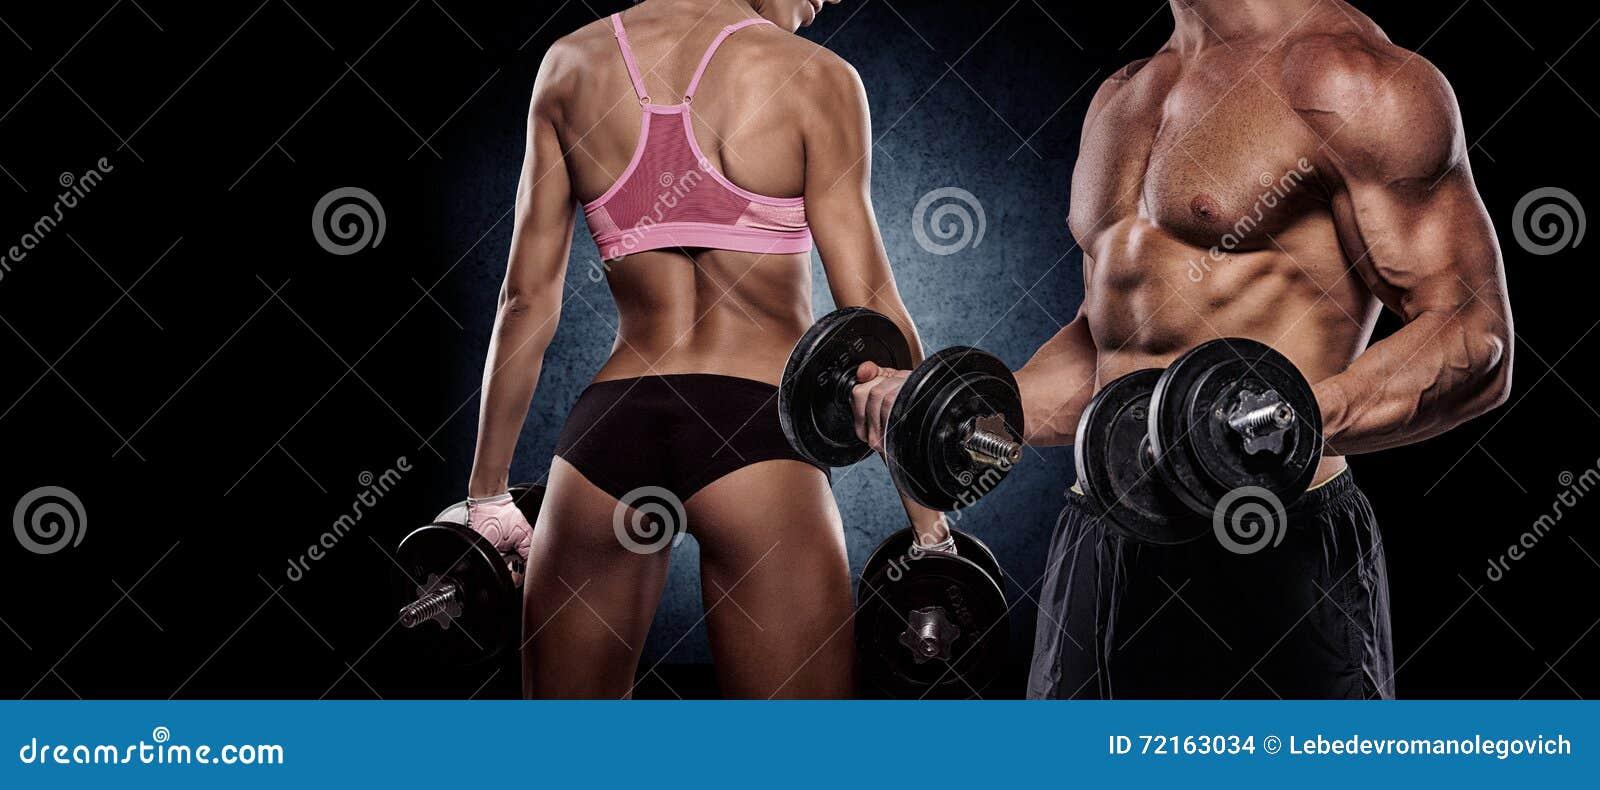 Athletische Paarhaltungen für die Kamera